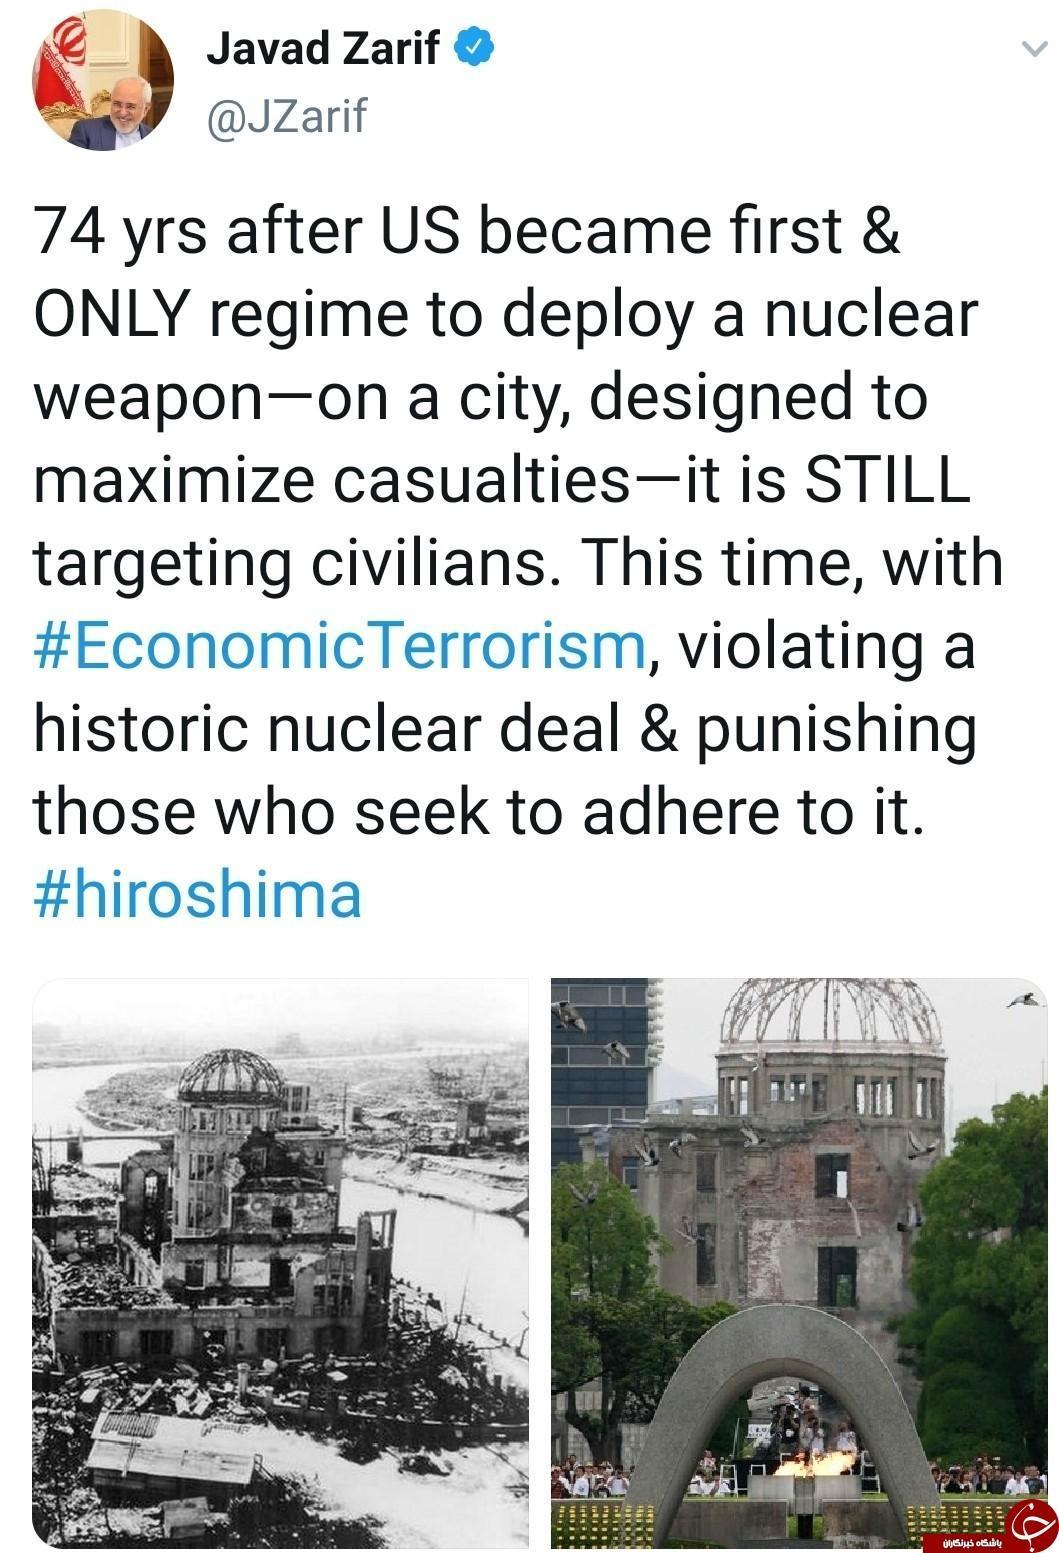 آمریکا تنها کشوری است که از سلاح هسته ای بر روی شهری استفاده کرد